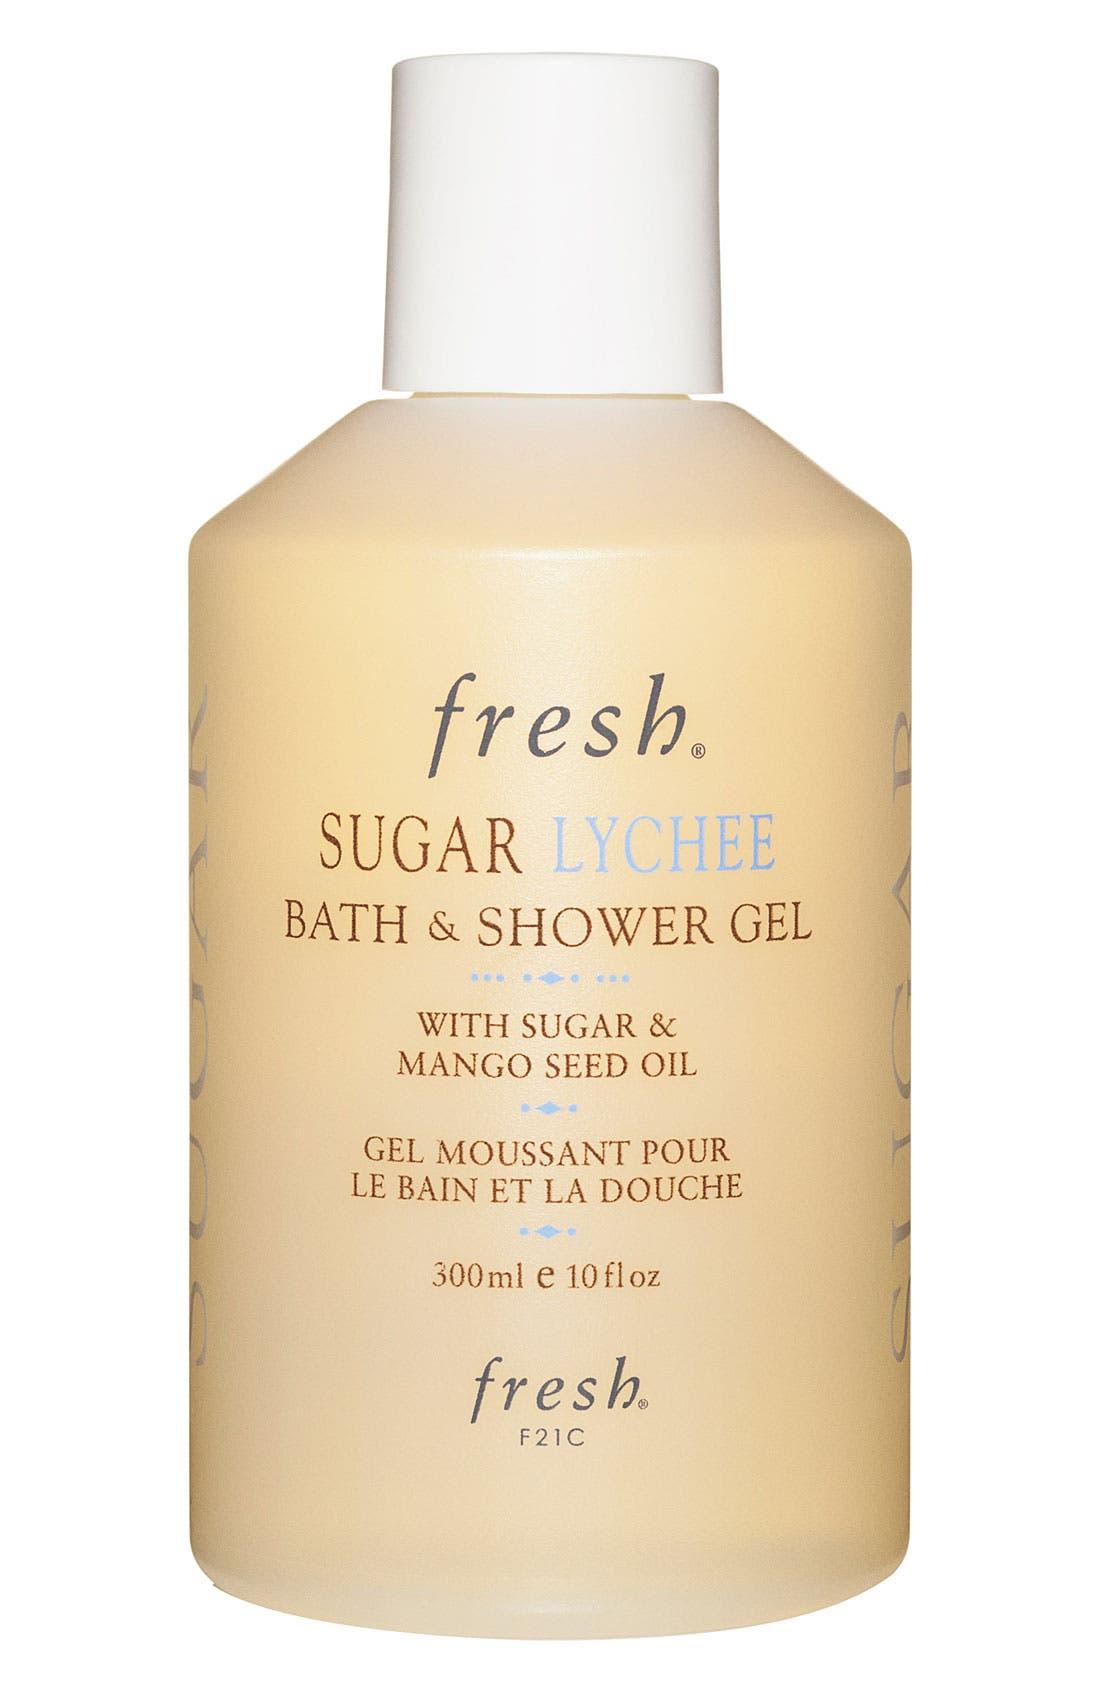 Fresh® Sugar Lychee Bath & Shower Gel